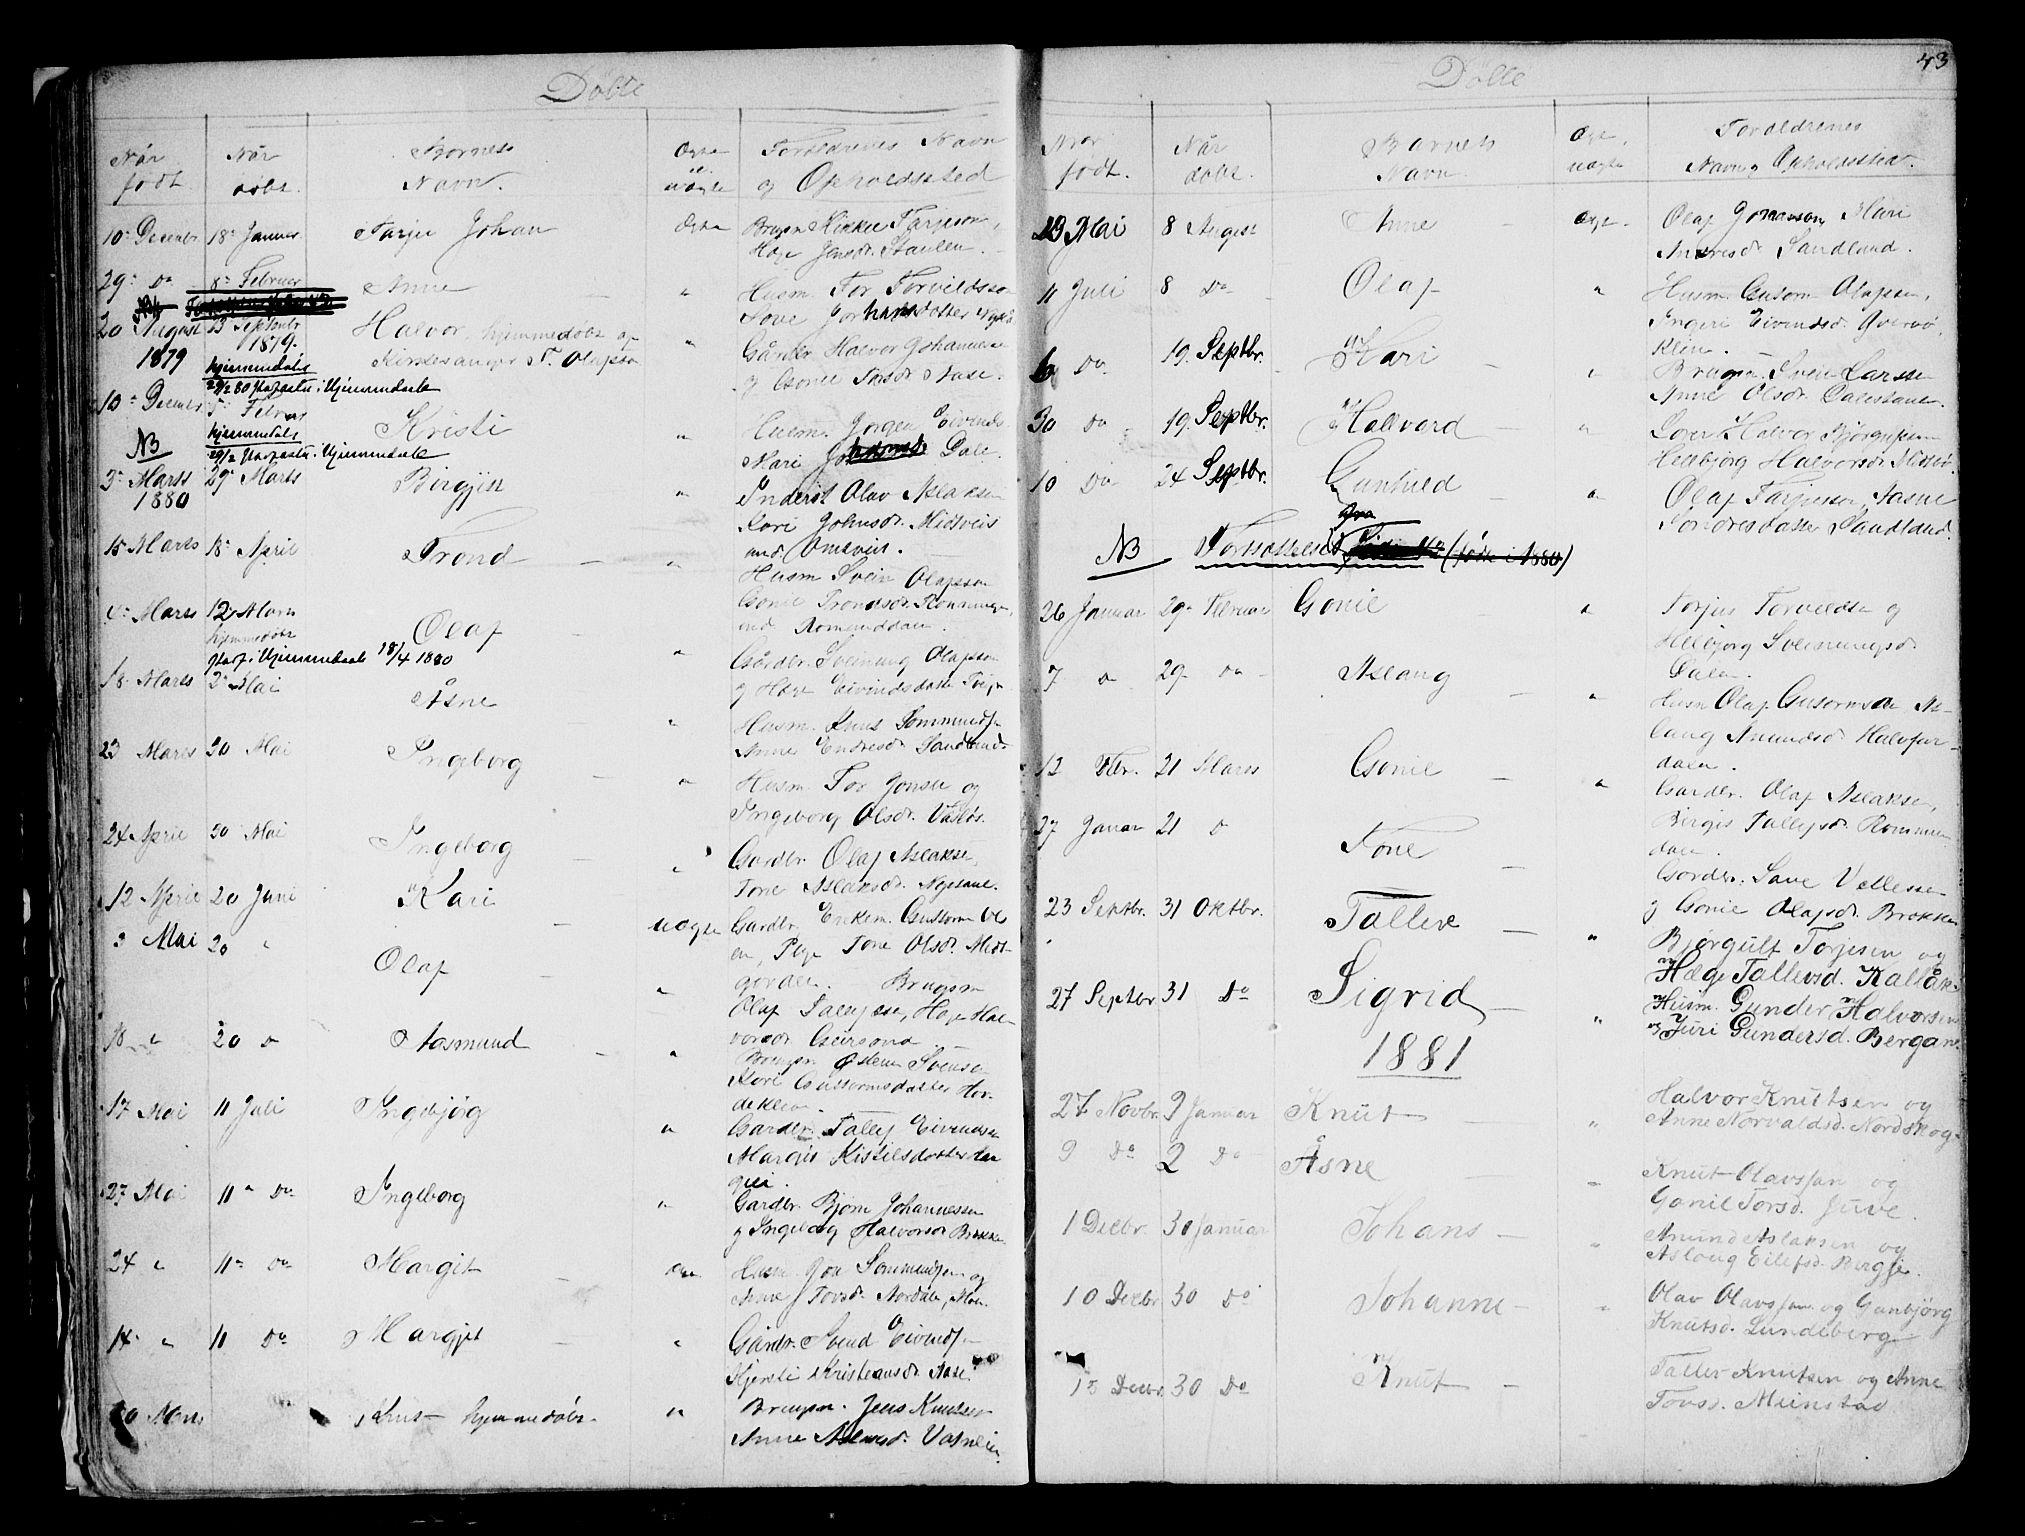 SAKO, Kviteseid kirkebøker, G/Gb/L0002: Klokkerbok nr. II 2, 1850-1892, s. 43